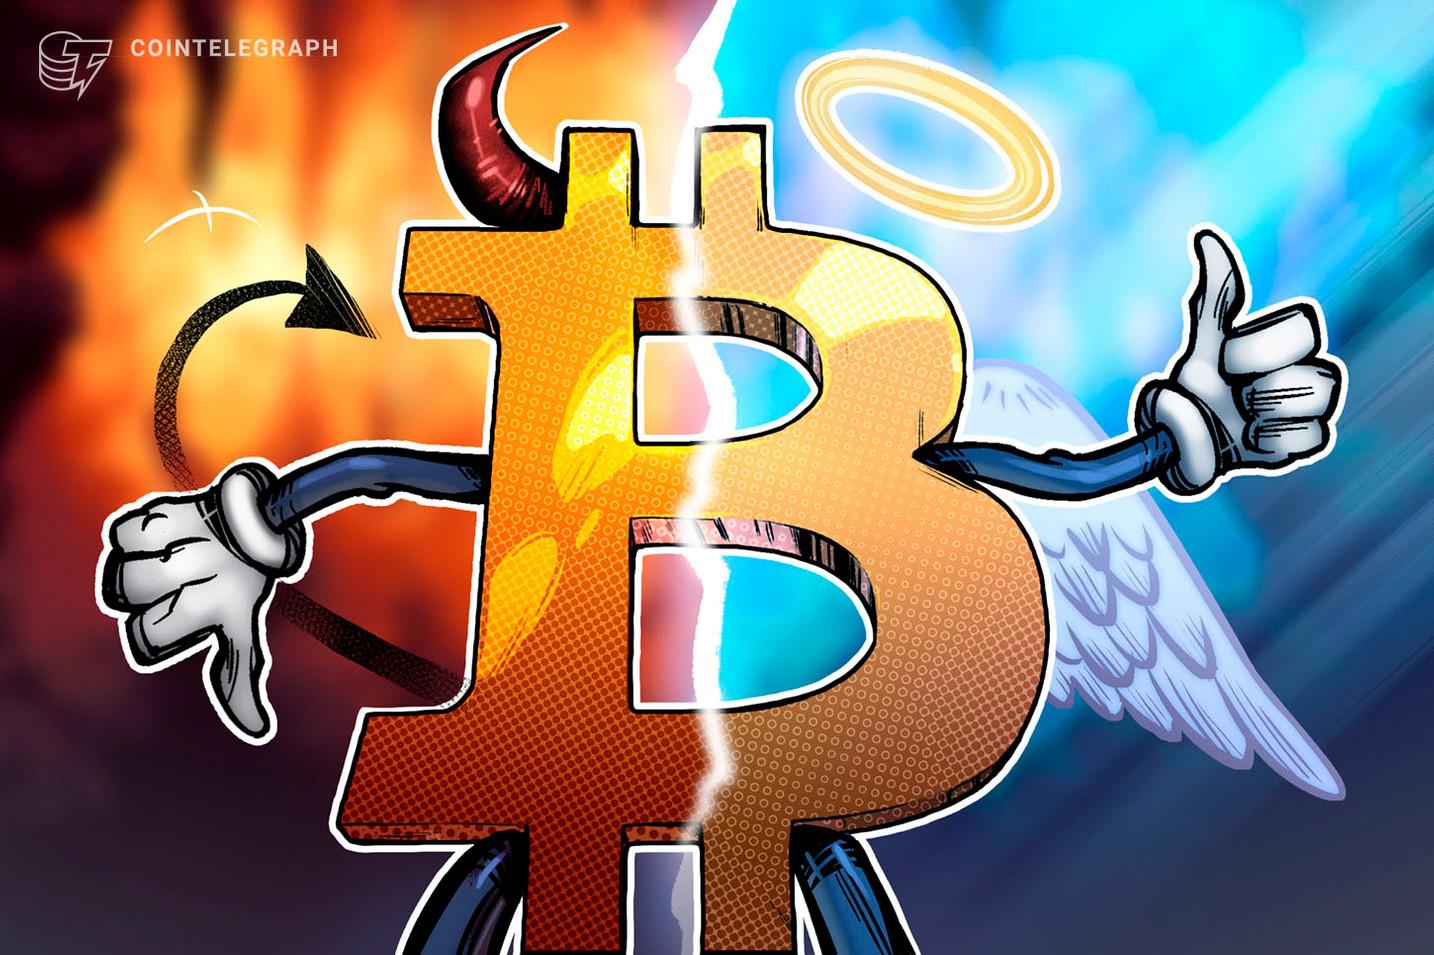 """Analist onayladı: """"Bitcoin 'fare zehri' ama düşündüğünüz gibi değil"""""""